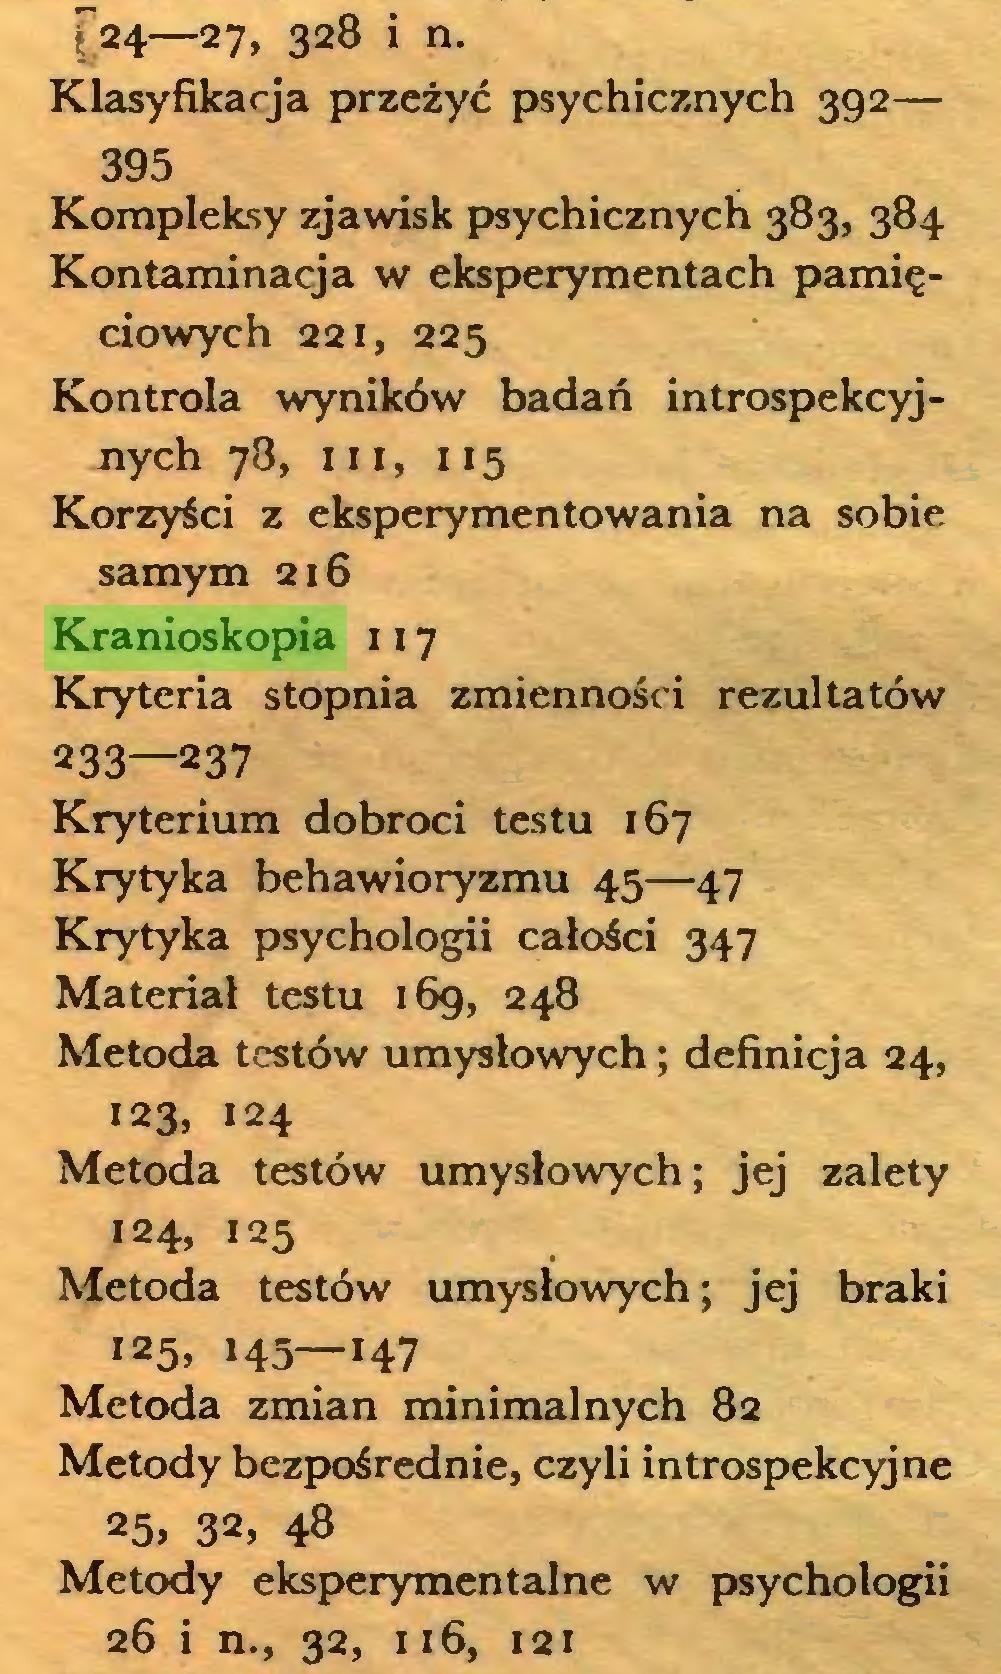 (...) [24—27, 328 i n. Klasyfikacja przeżyć psychicznych 392— 395 Kompleksy zjawisk psychicznych 383, 384 Kontaminacja w eksperymentach pamięciowych 221, 225 Kontrola wyników badań introspekcyjnych 78, iii, 115 Korzyści z eksperymentowania na sobie samym 216 Kranioskopia 117 Kryteria stopnia zmienności rezultatów 233—237 Kryterium dobroci testu 167 Krytyka behawioryzmu 45—47 Krytyka psychologii całości 347 Materiał testu 169, 248 Metoda testów umysłowych; definicja 24, 123, 124 Metoda testów umysłowych; jej zalety 124, 125 Metoda testów umysłowych; jej braki 125, 145—147 Metoda zmian minimalnych 82 Metody bezpośrednie, czyli introspekcyjne 25, 32, 48 Metody eksperymentalne w psychologii 26 i n., 32, 116, 121...